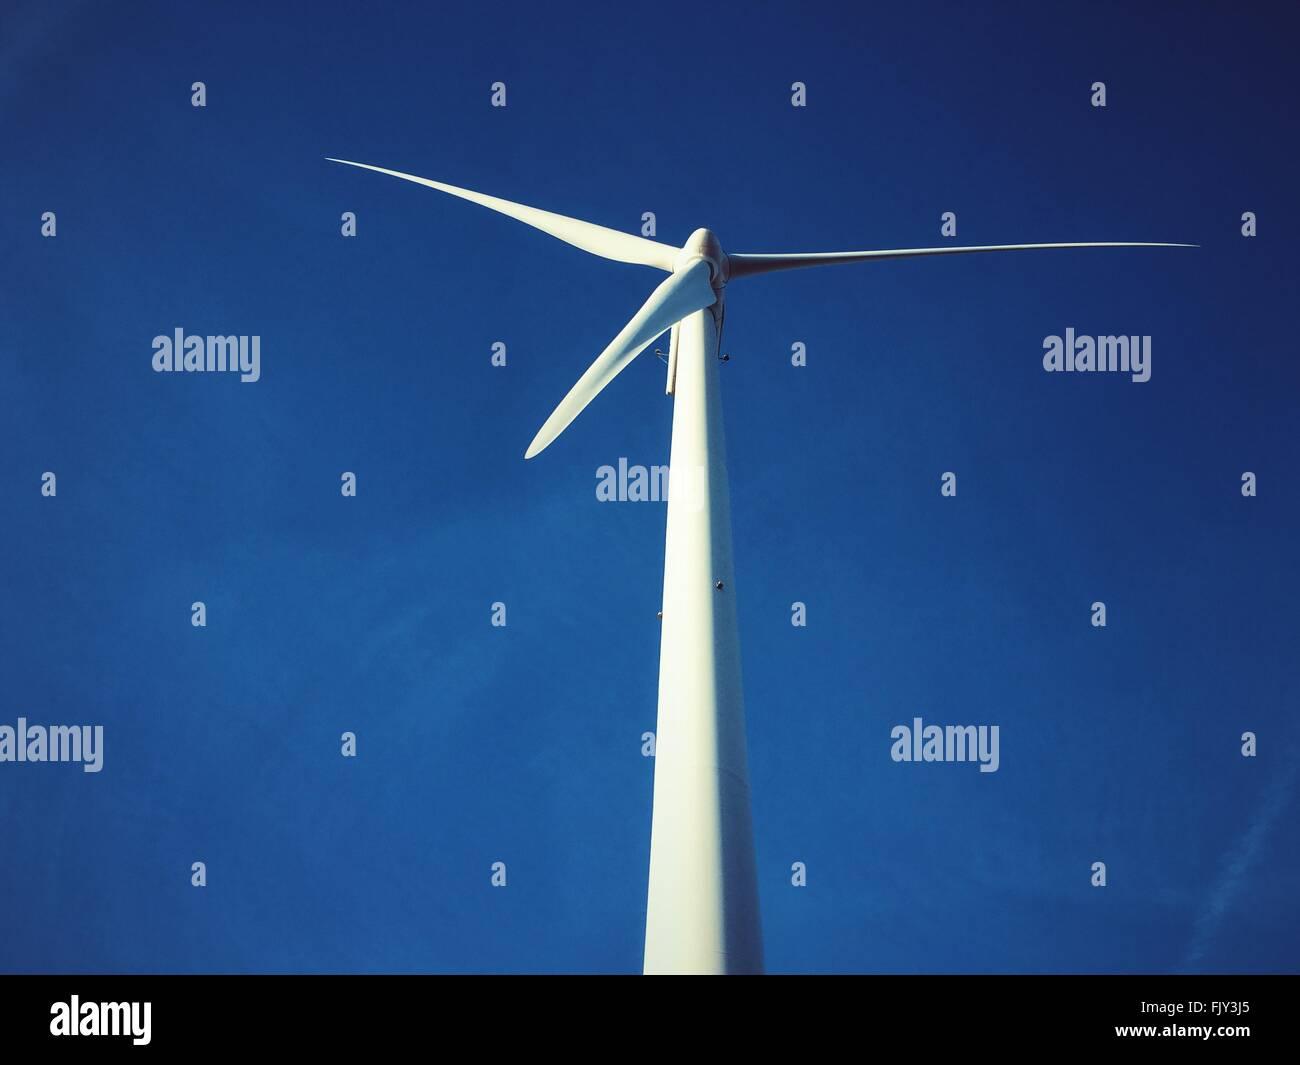 Ángulo de visión baja de turbina de viento contra el cielo azul Imagen De Stock